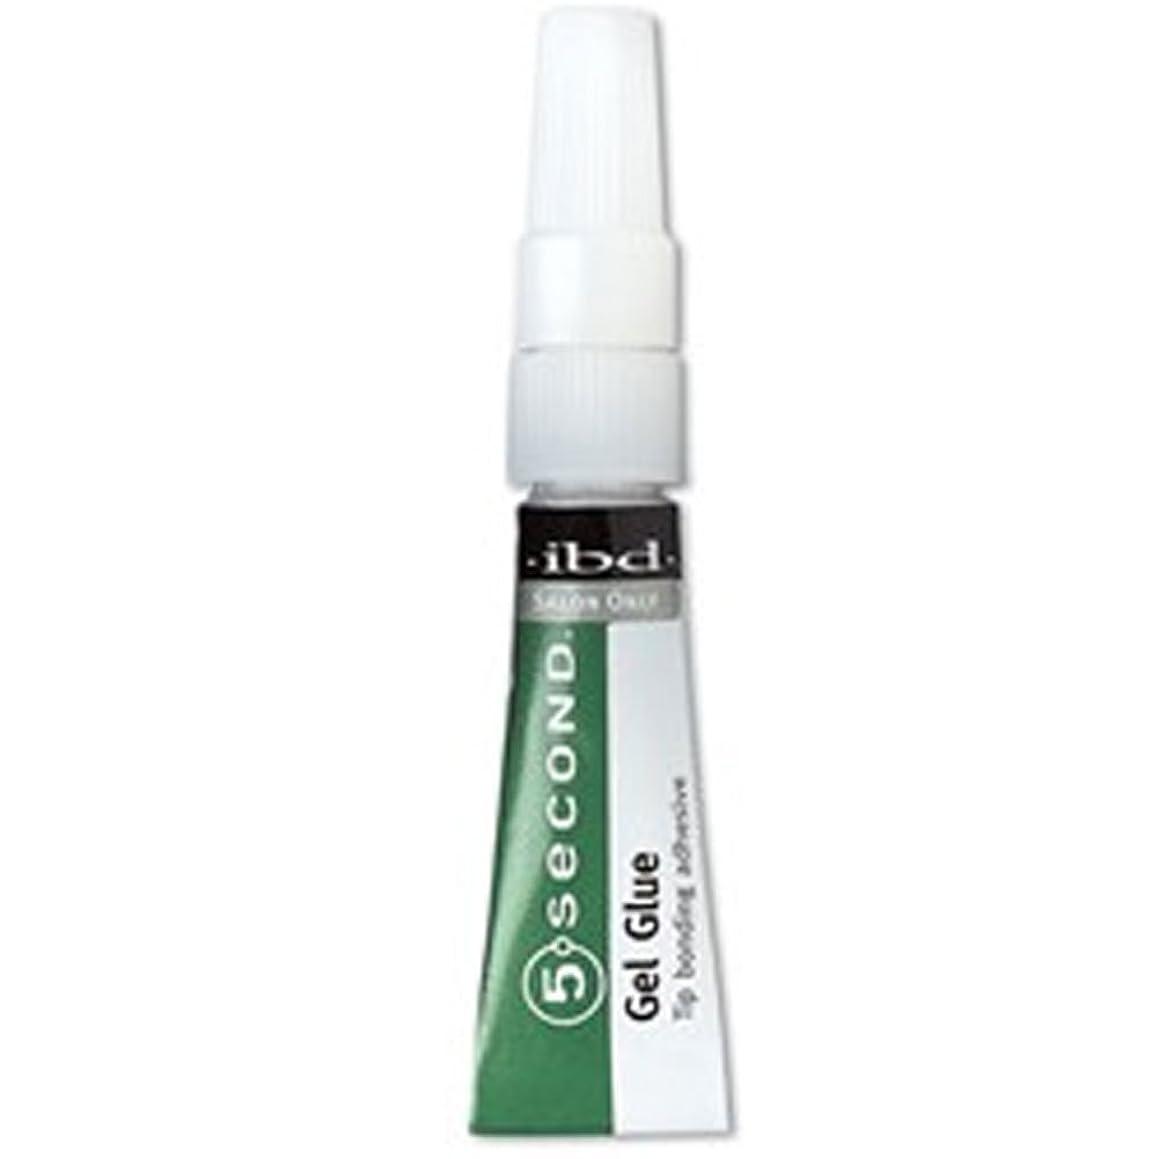 IBD 5 Second Gel Glue